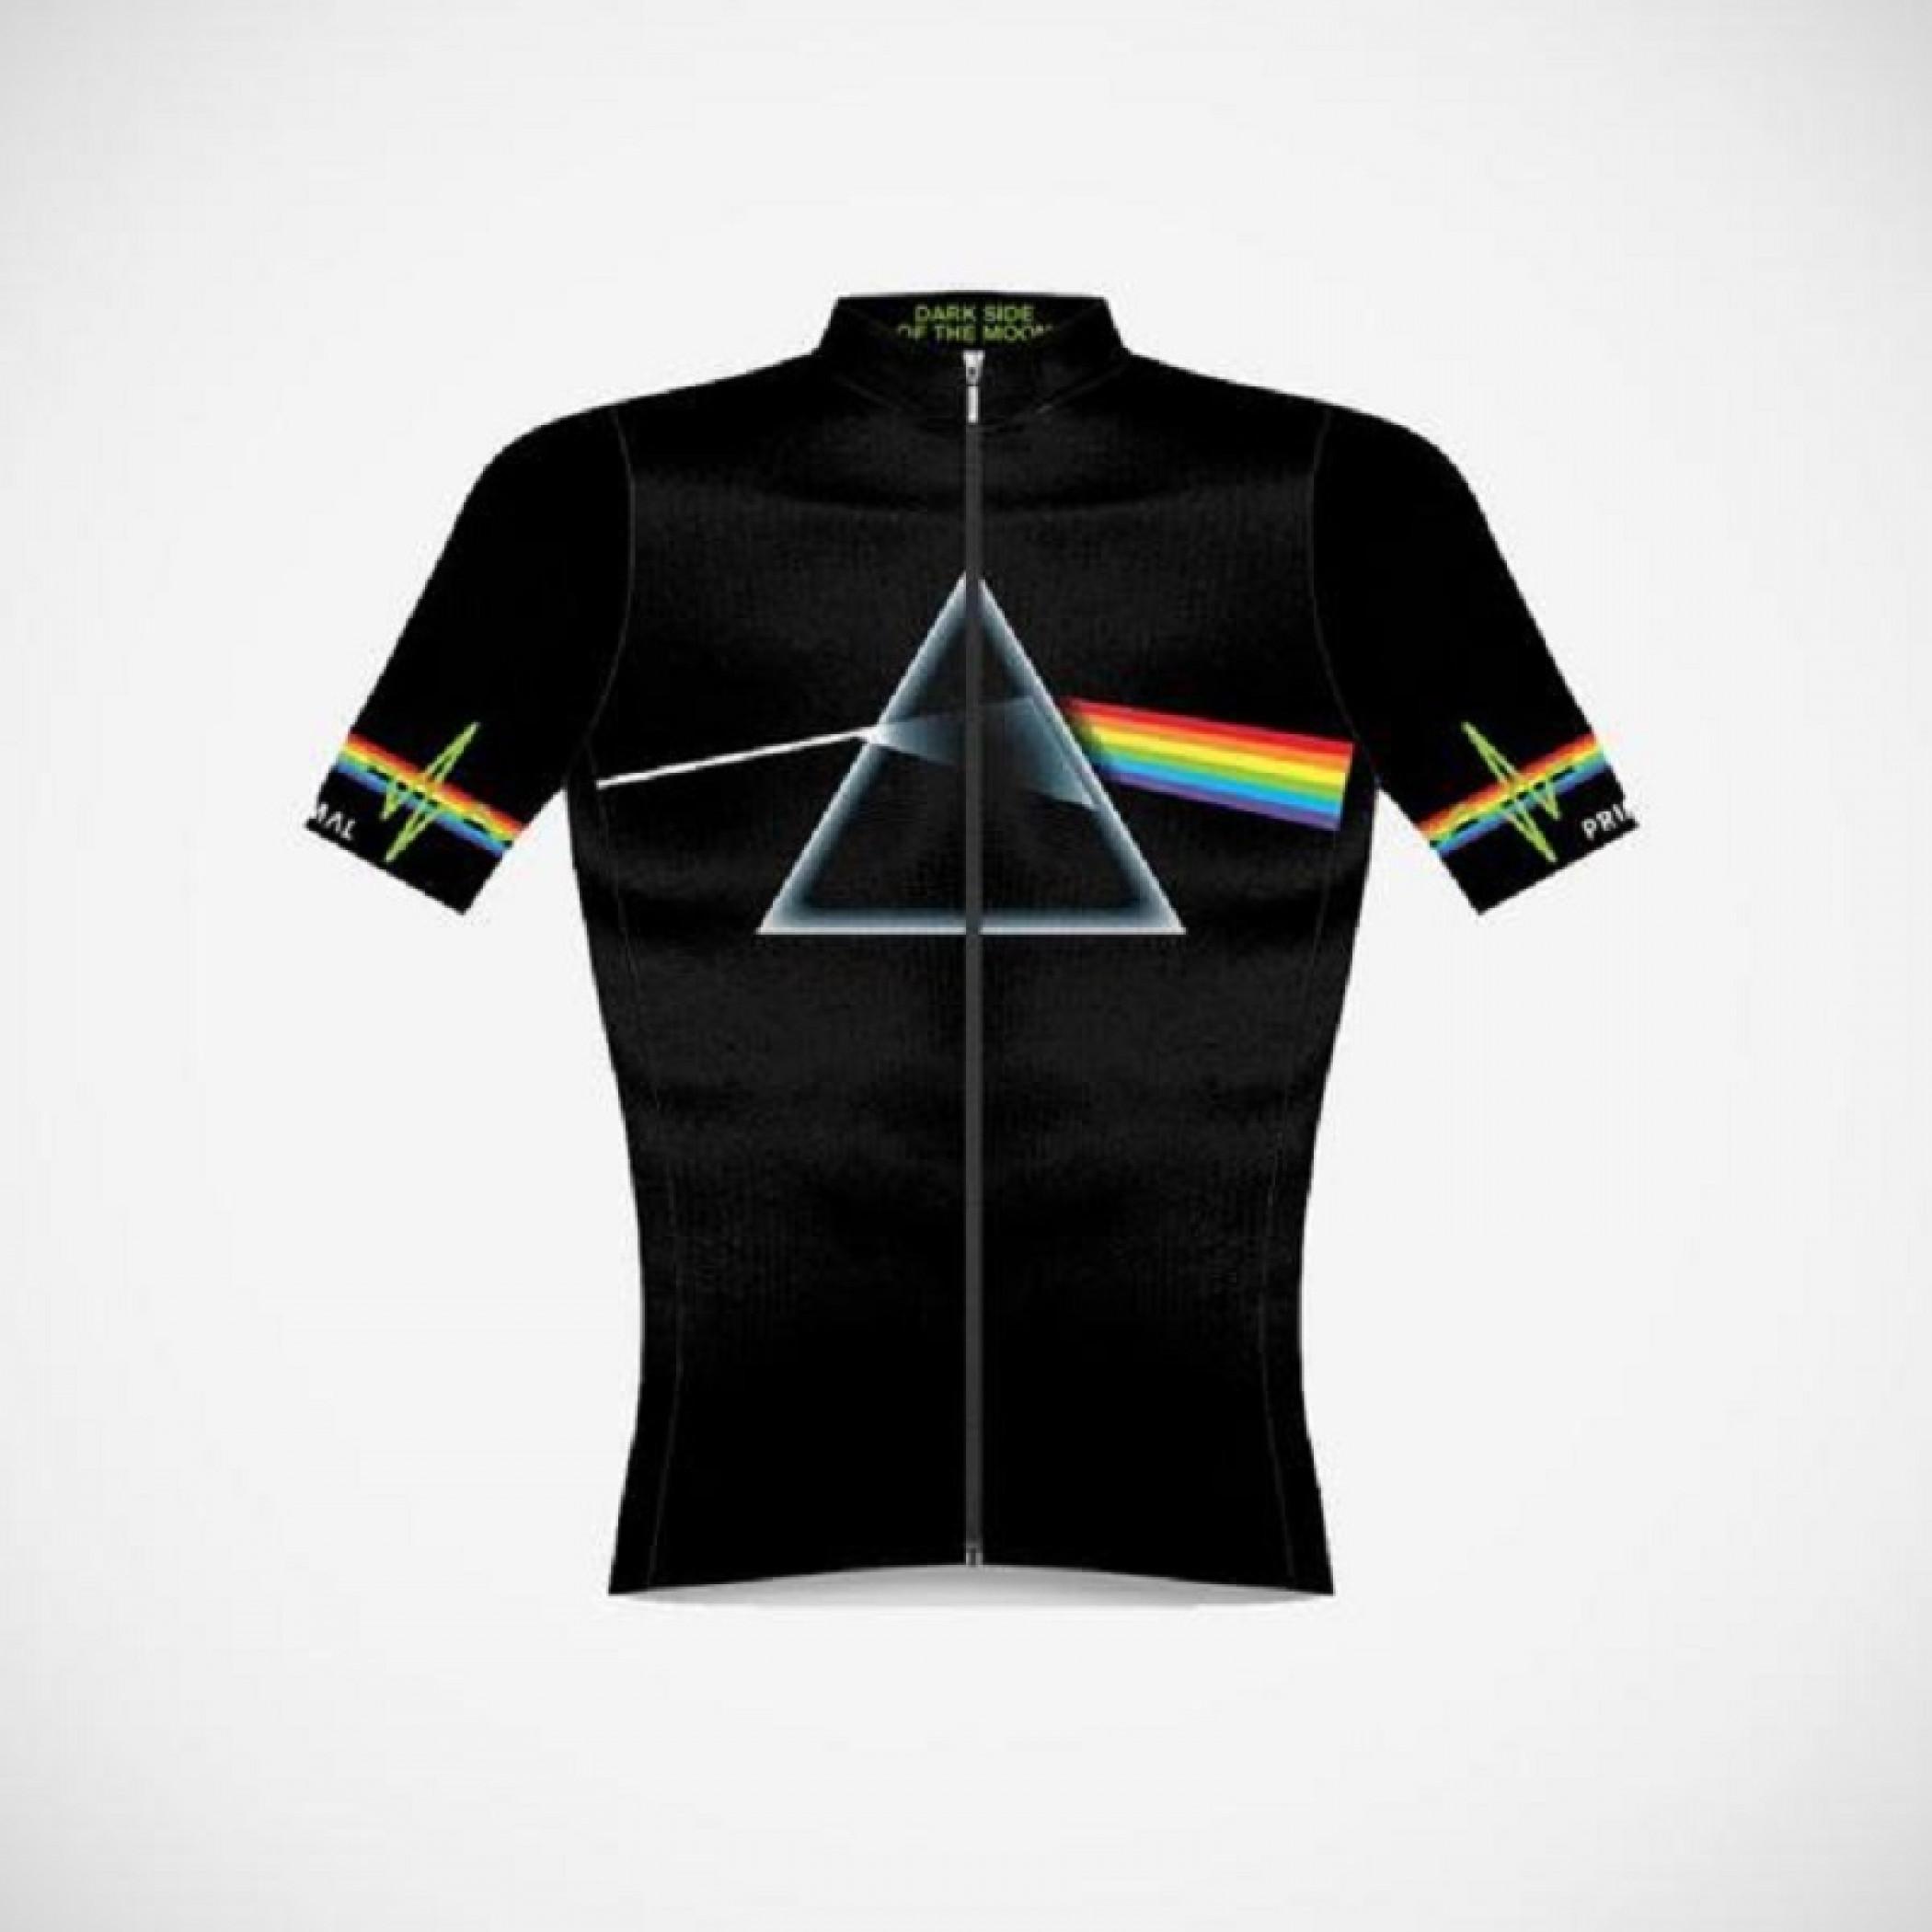 Pink Floyd Dark Side Helix Men's Cycling Jersey